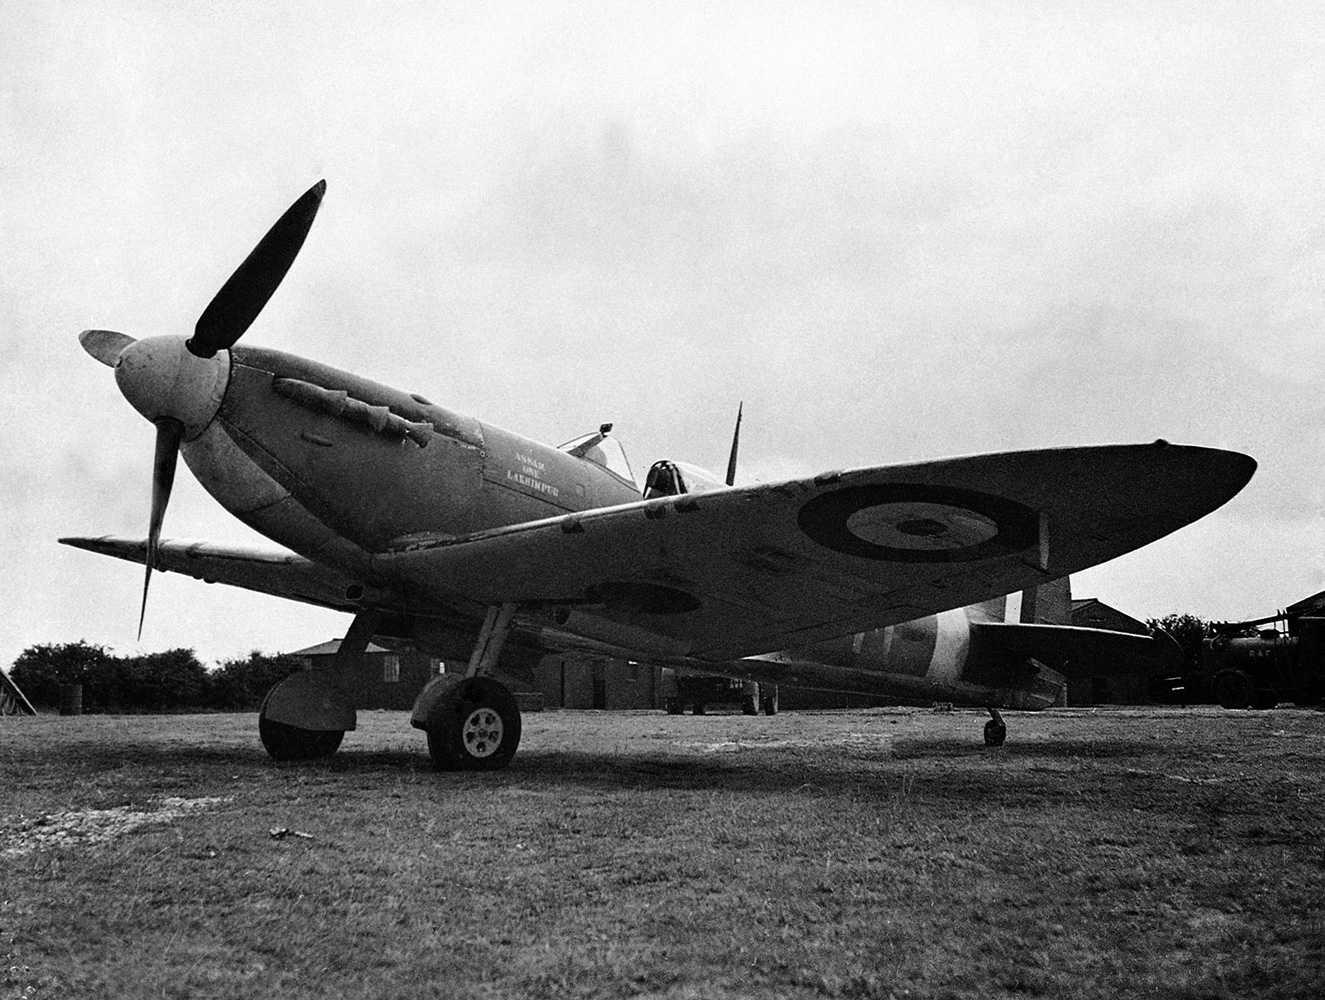 Spitfireplanen hade en stor del i försvaret av Storbritannien under tyskarnas luftattacker.